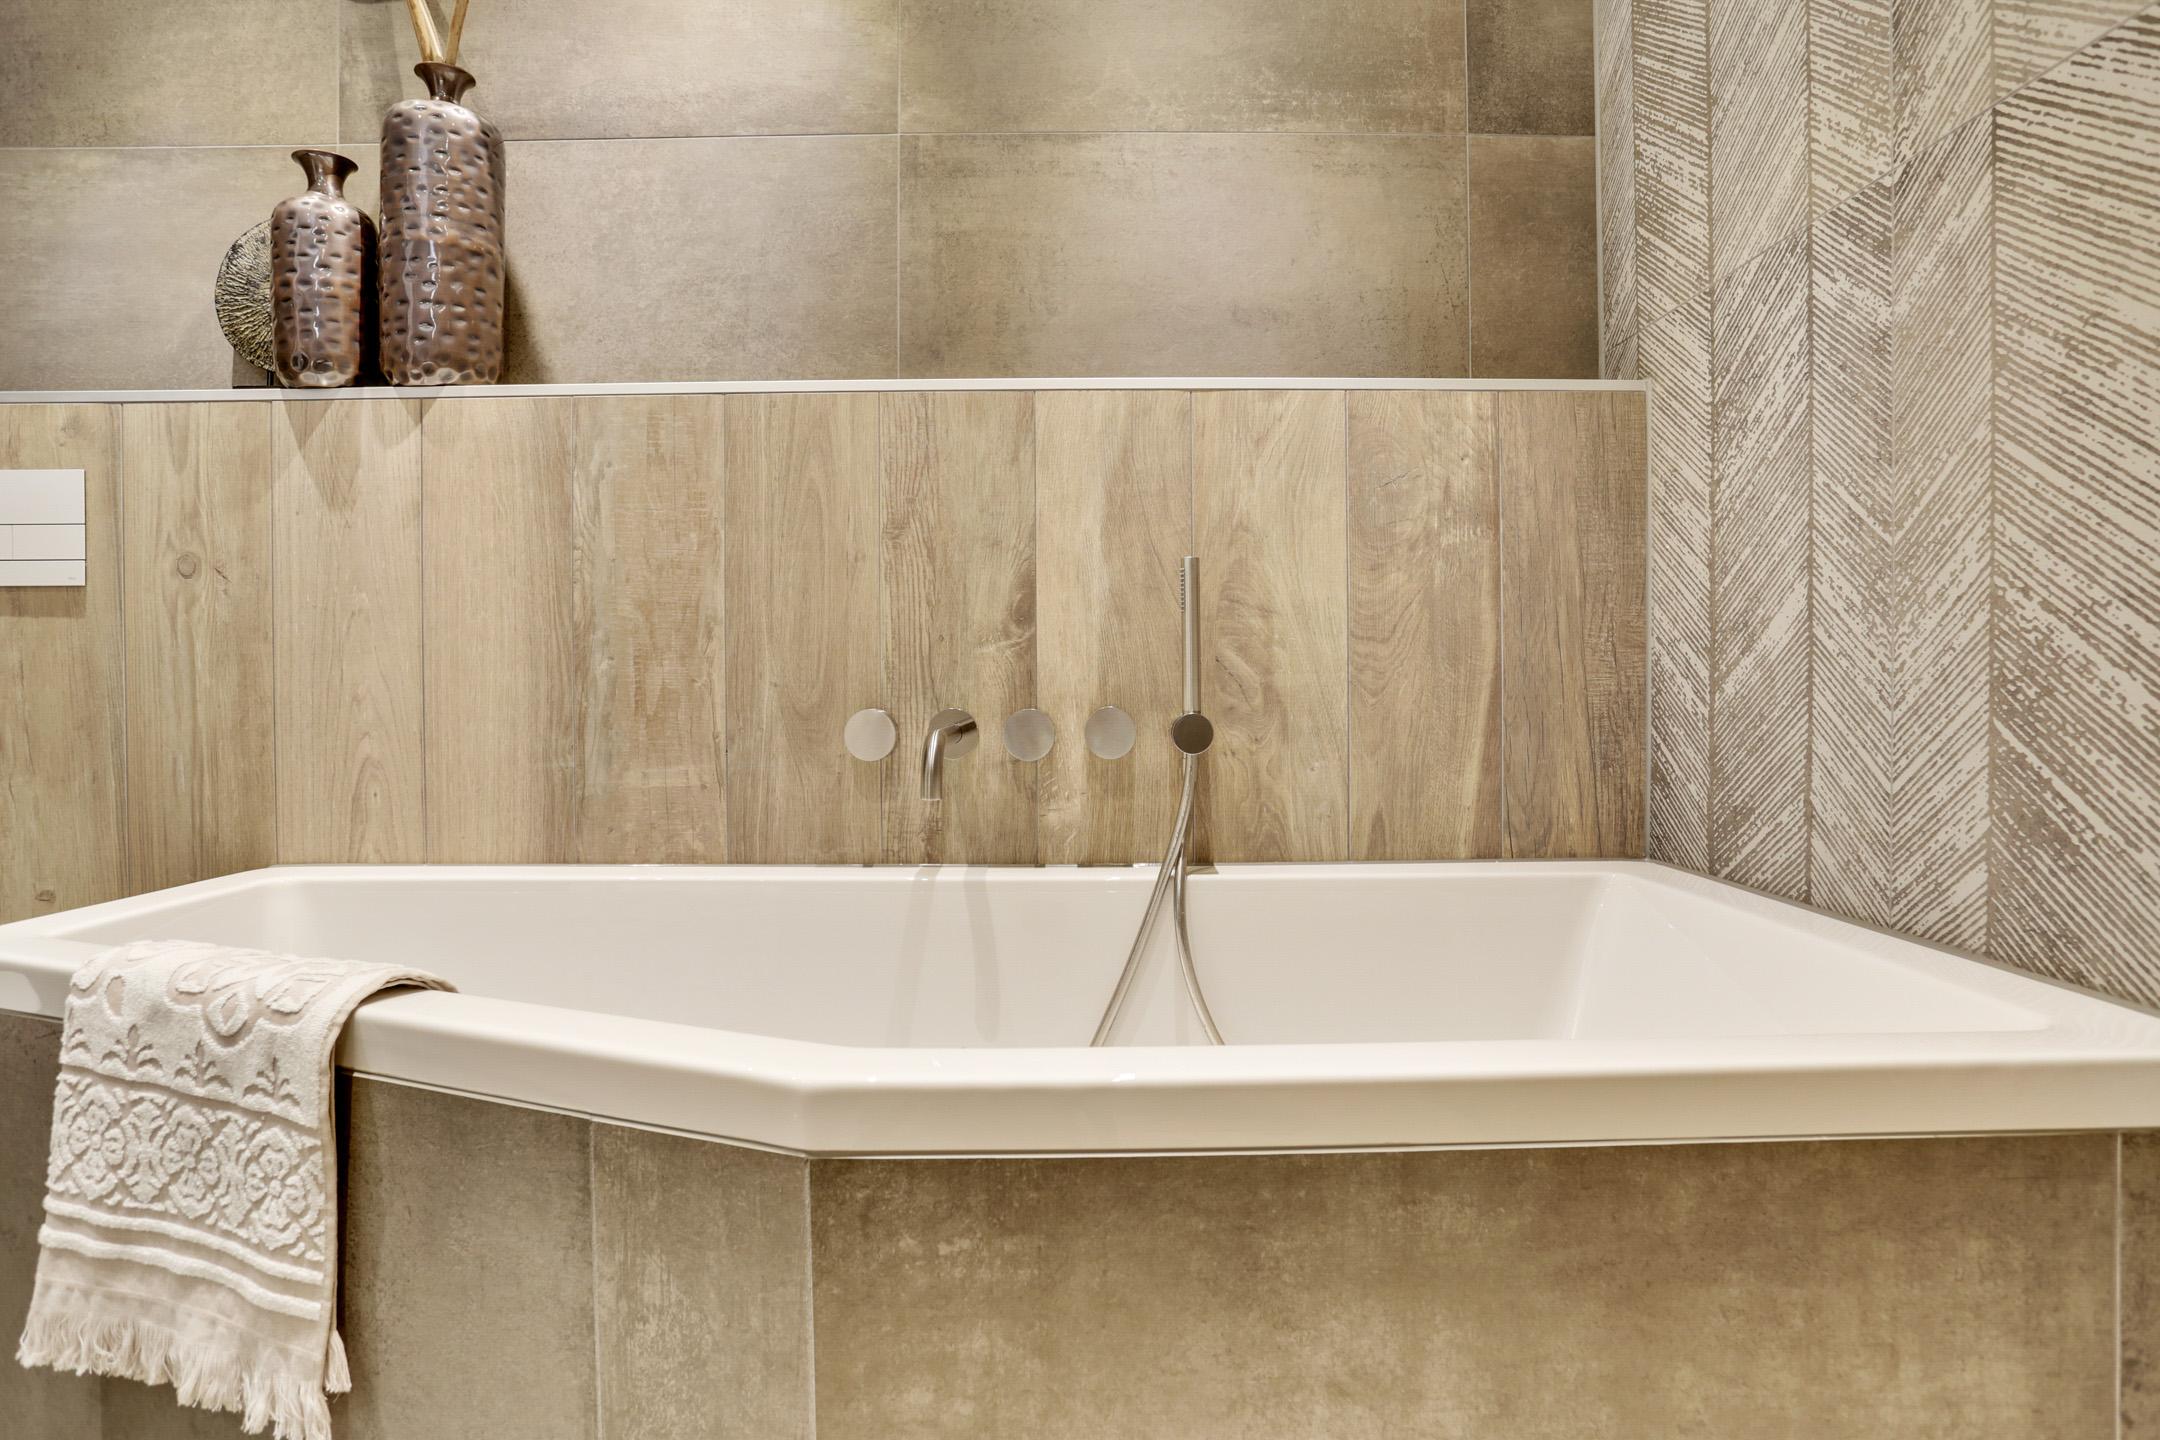 Tegels Badkamer Tilburg : Complete badkamer fantini